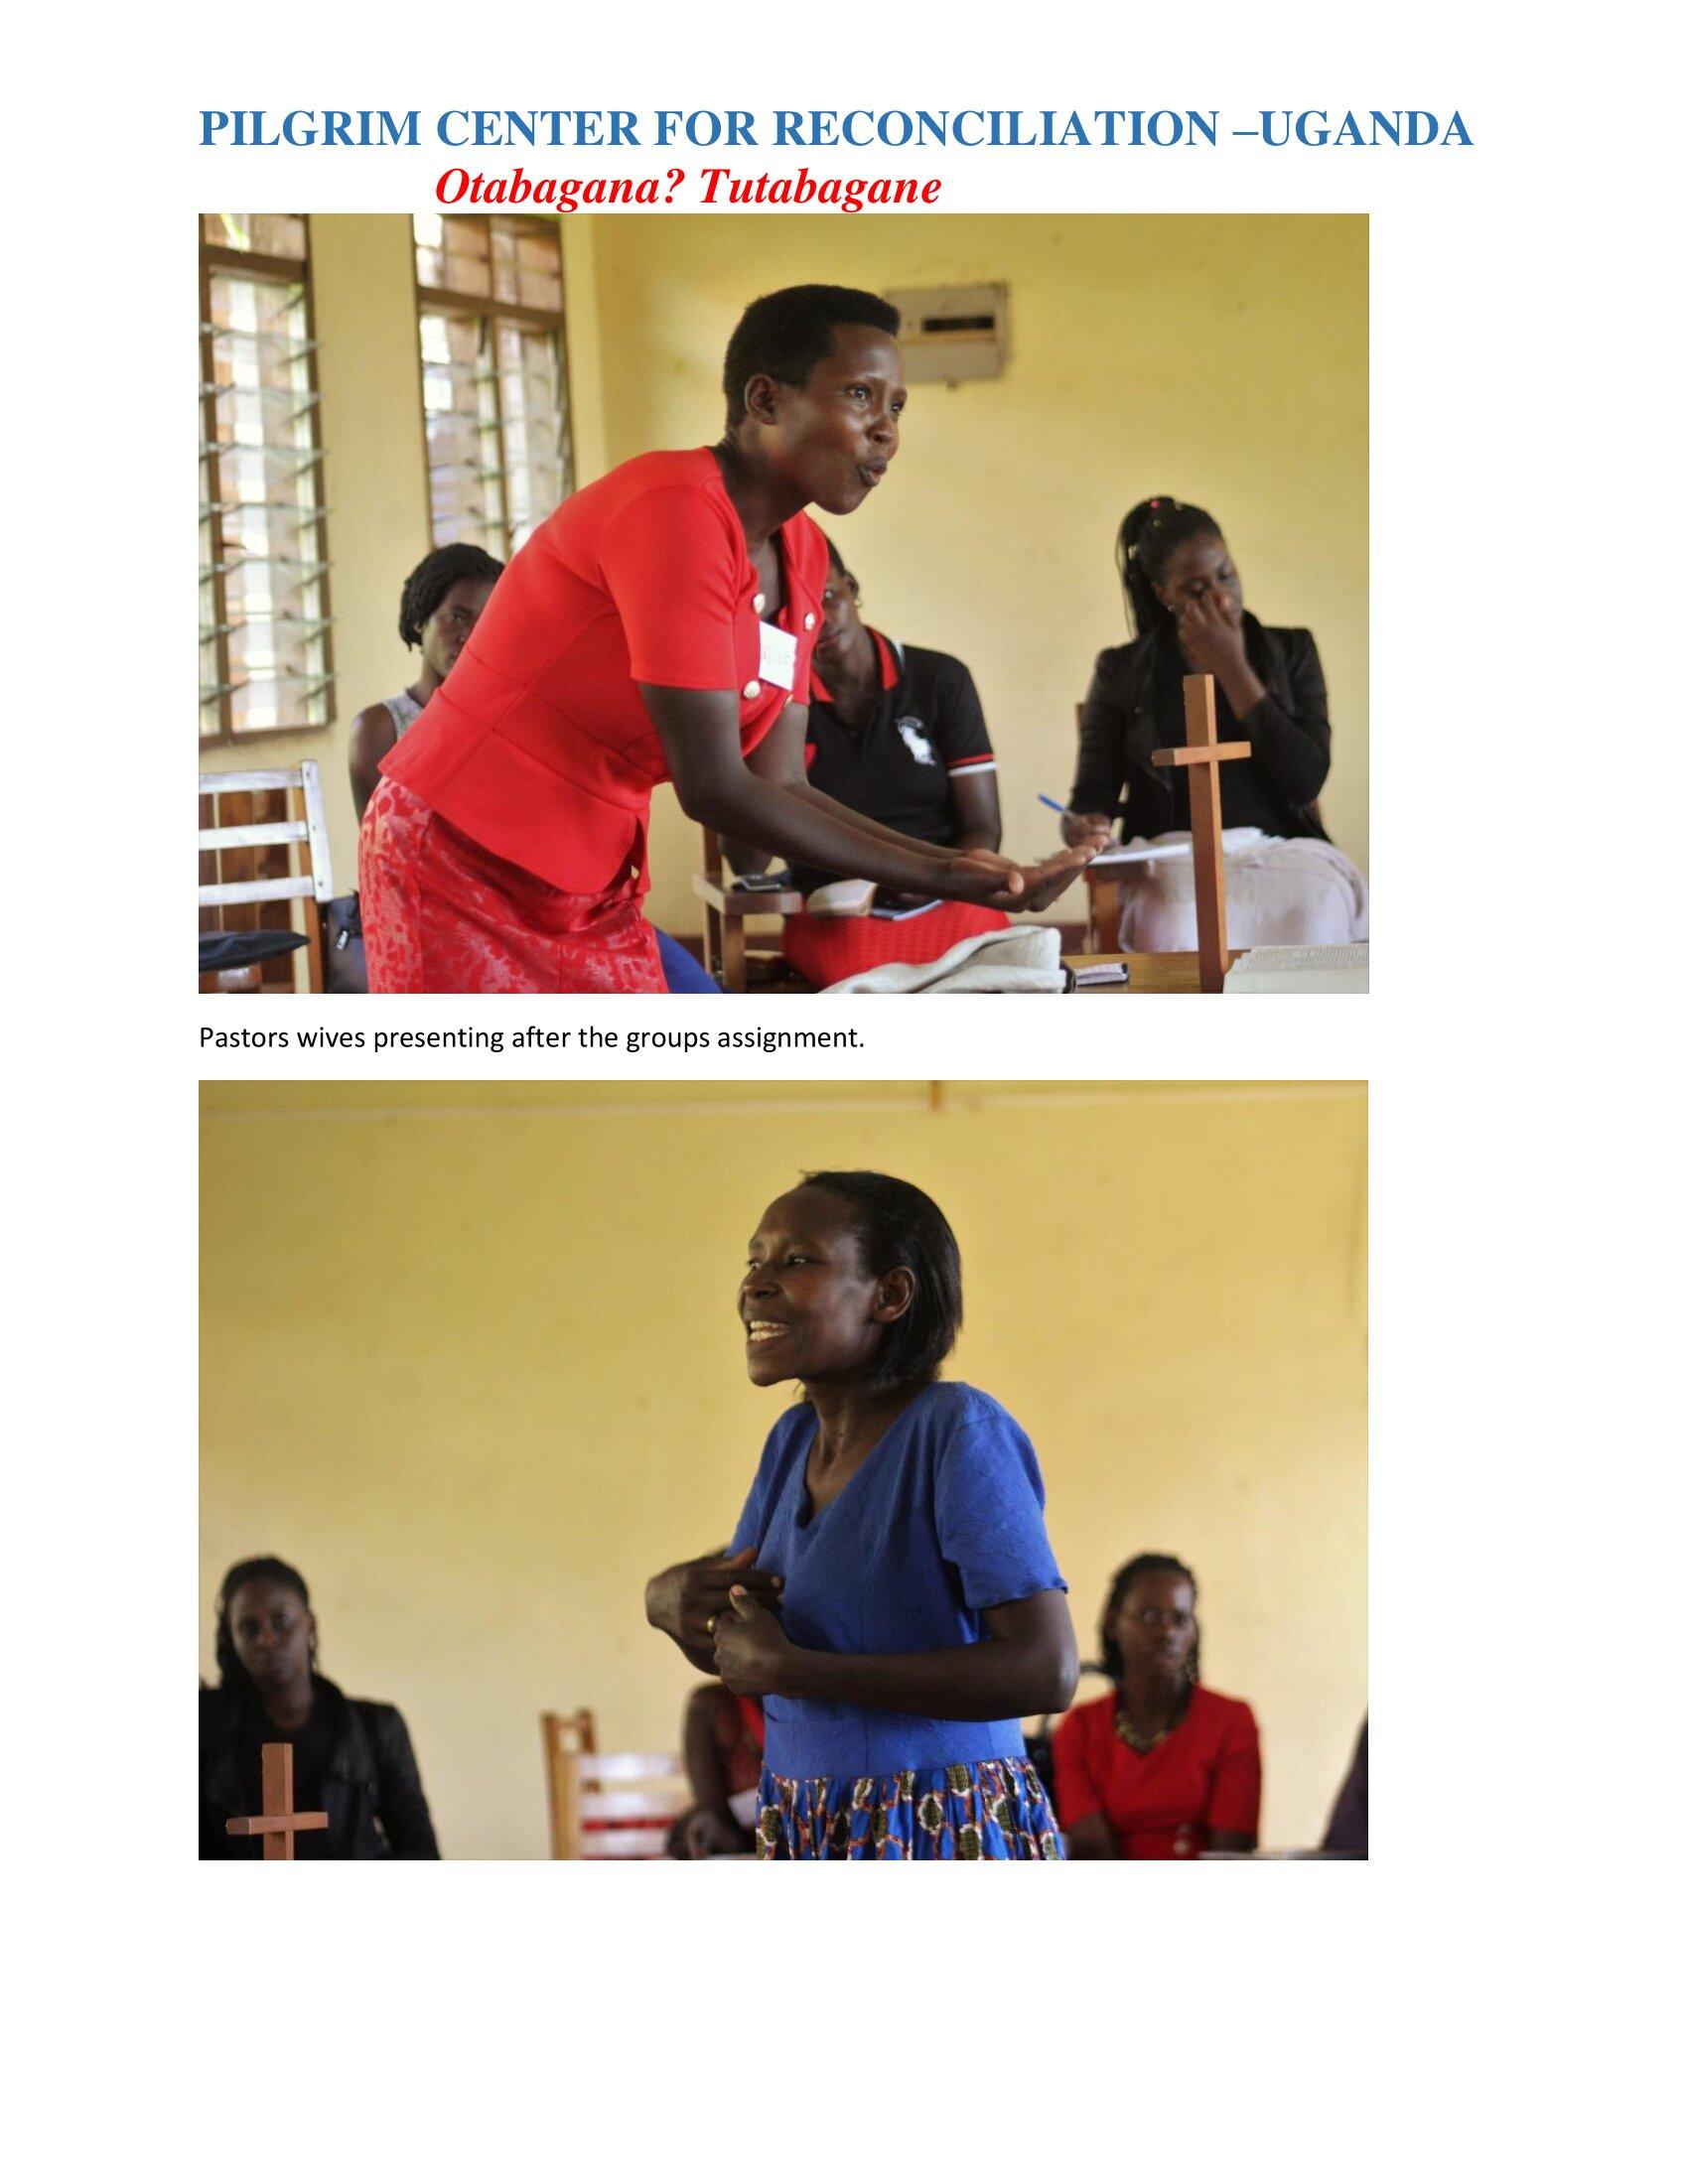 Pirigrim center for reconcilation -Uganda _0026-min